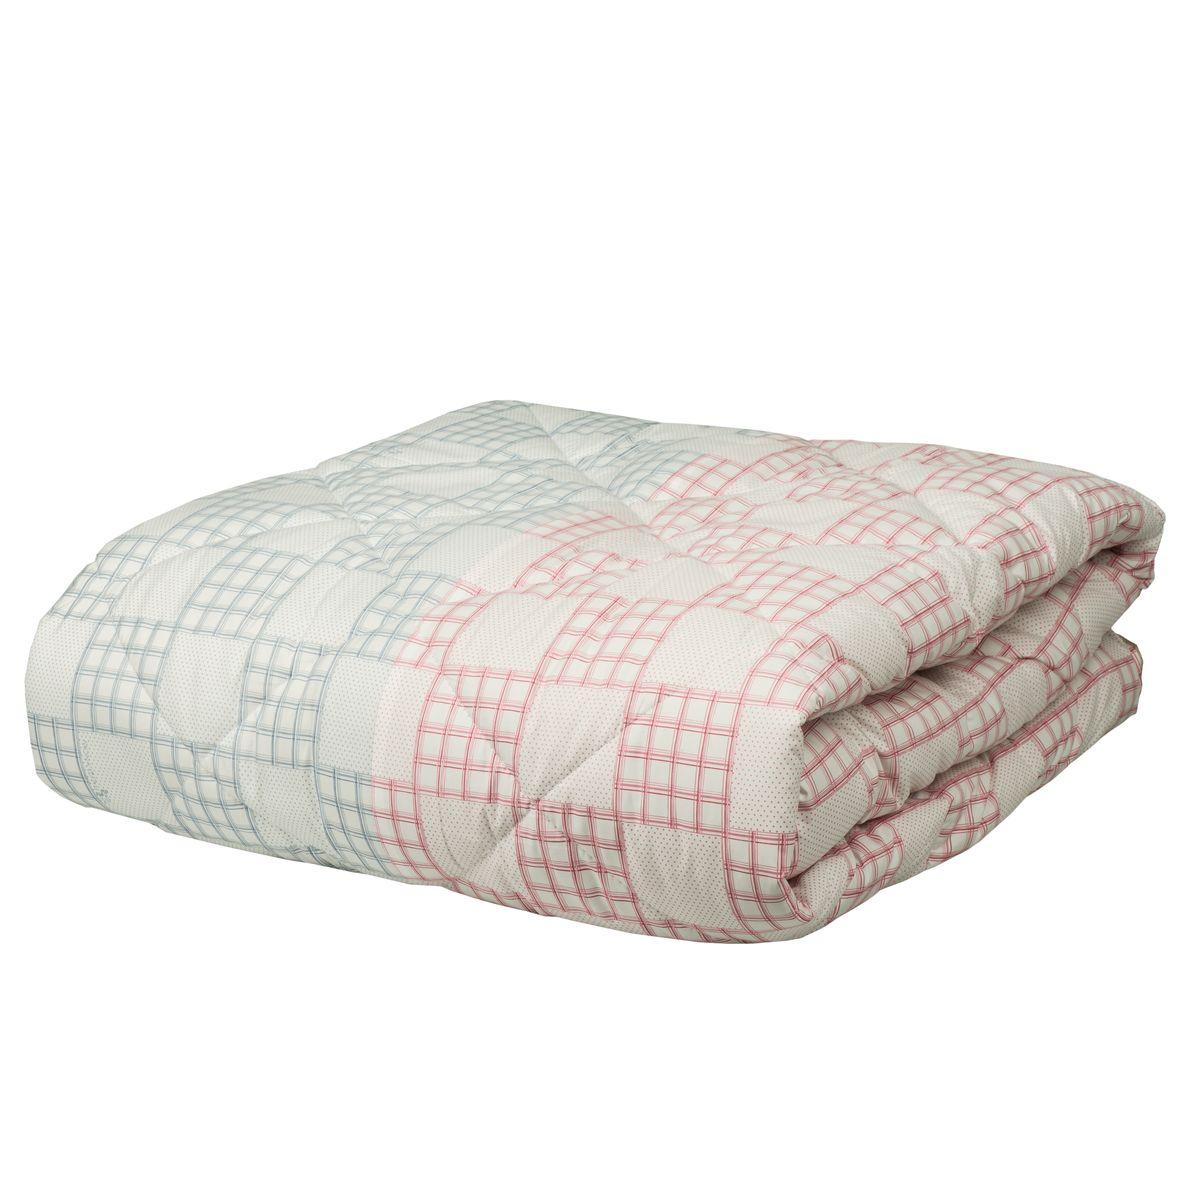 Одеяло Mona Liza Chalet Climat Control, цвет: серый, розовый, 140 х 200 см531-105Одеяло Mona Liza Chalet Climat Control изготовлено из плотного тика, с отделочным кантом. Одновременно имеет две зоны температурного режима, поскольку наполнитель состоит из двух частей: одна половина изделия более теплая, содержит волокна натуральной шерсти, а вторая половина одеяла прохладная - так как наполнена натуральными растительными волокнами. Такое одеяло сделает спальное место уютным и подарит ощущение комфорта.